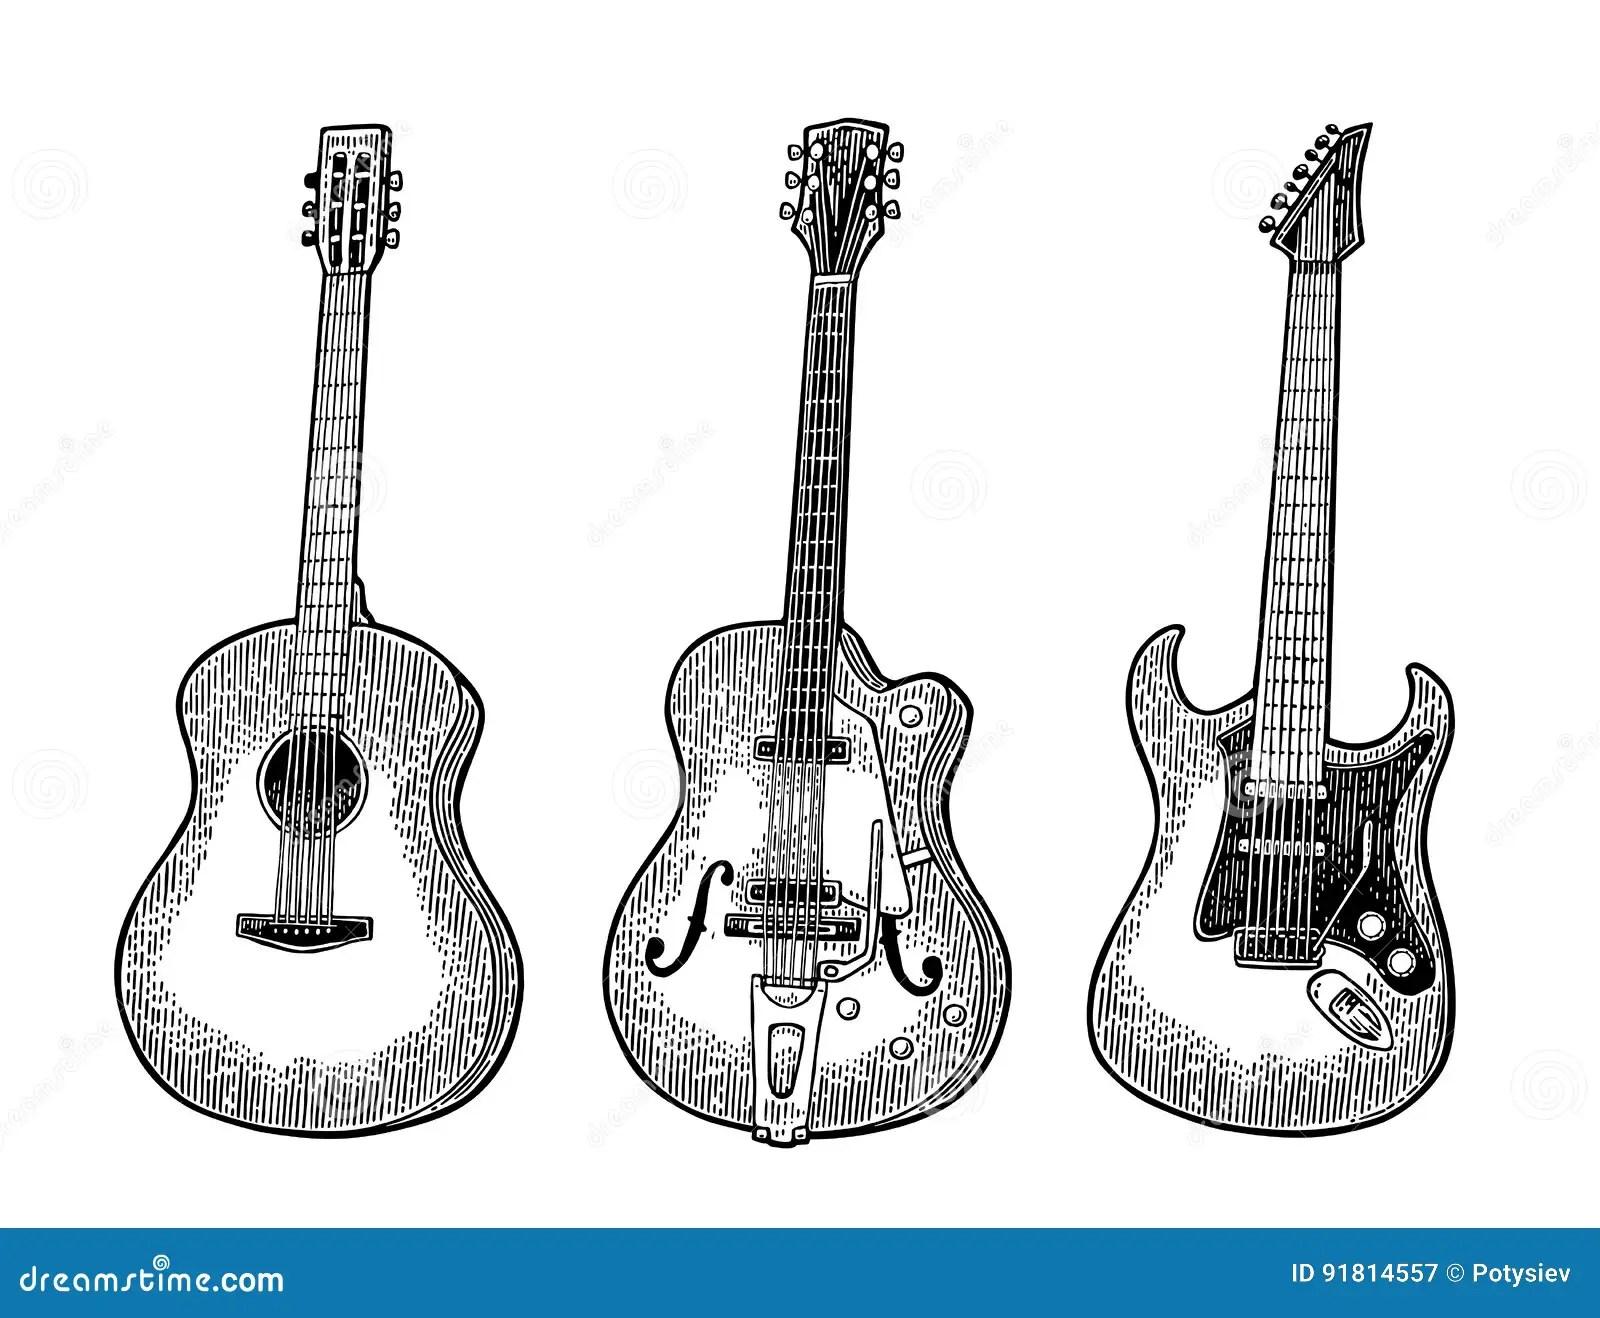 Acoustic Guitar Clipart